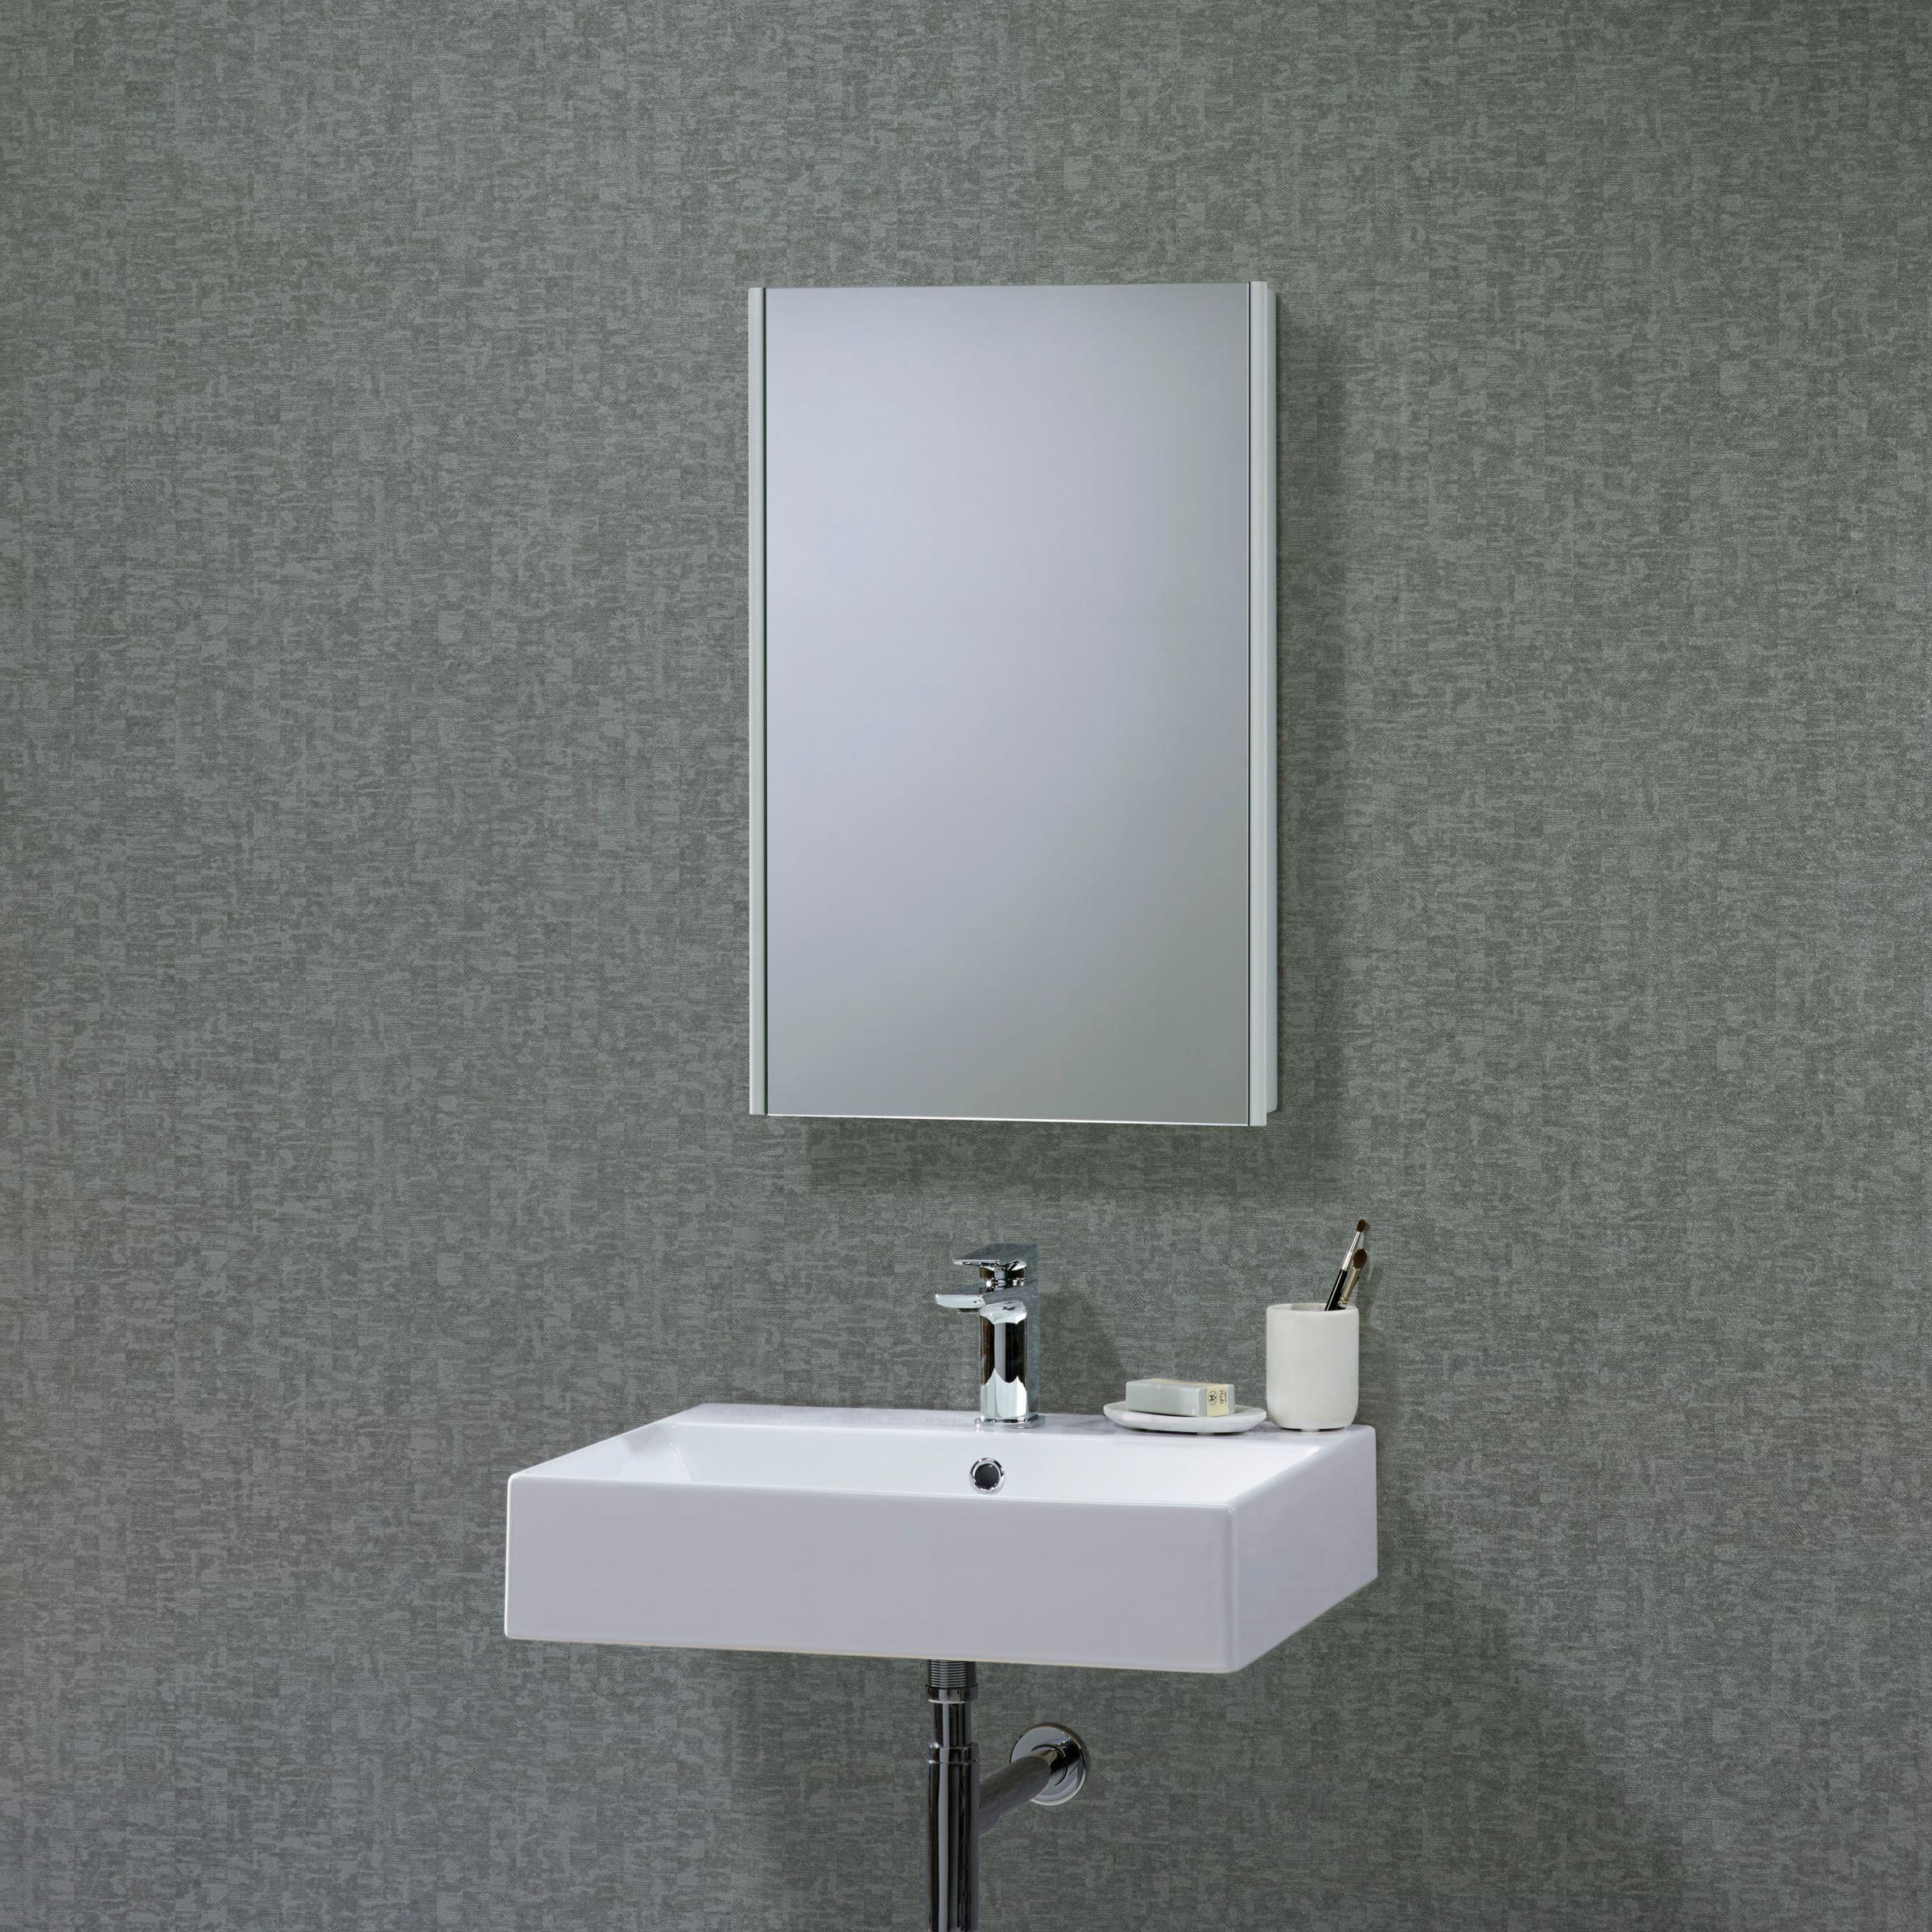 Roper Rhodes Roper Rhodes Limit Slimline Single Mirrored Bathroom Cabinet